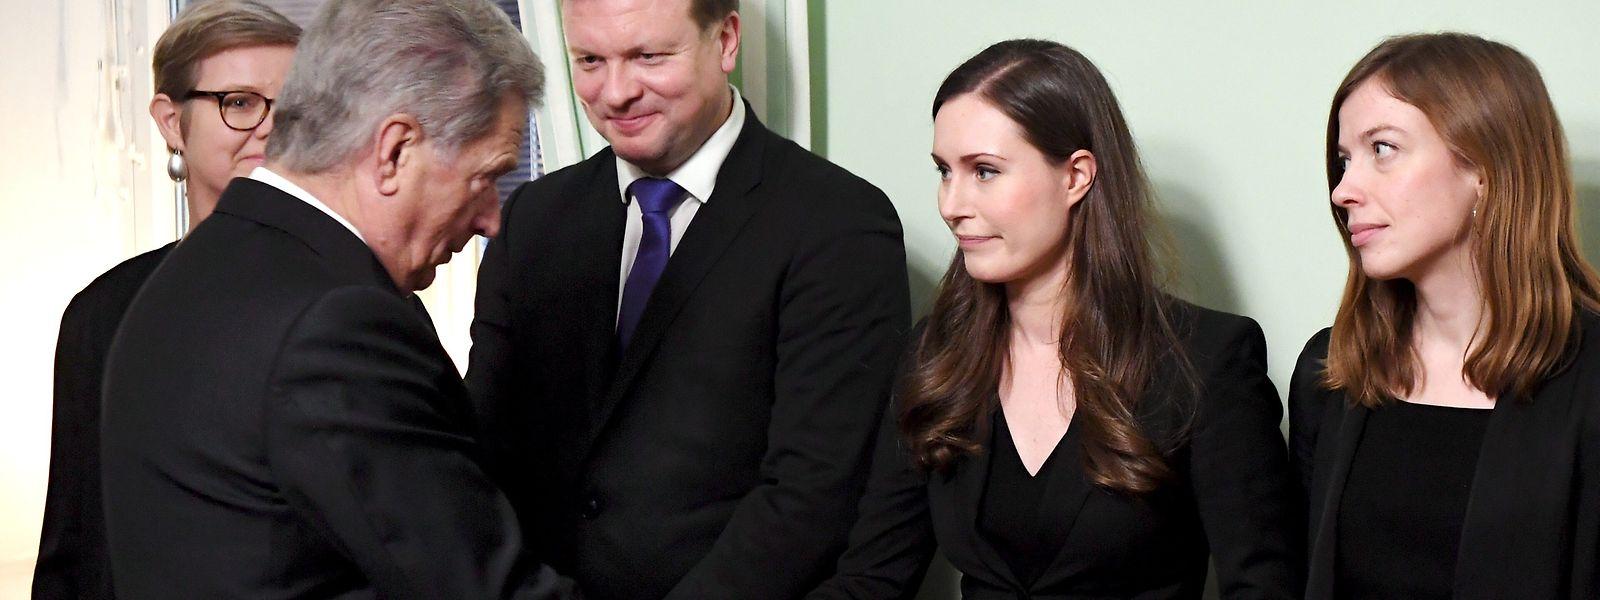 Âgée de 34 ans, Sanna Marin a été officiellement nommée Premier ministre de Finlande ce mardi.